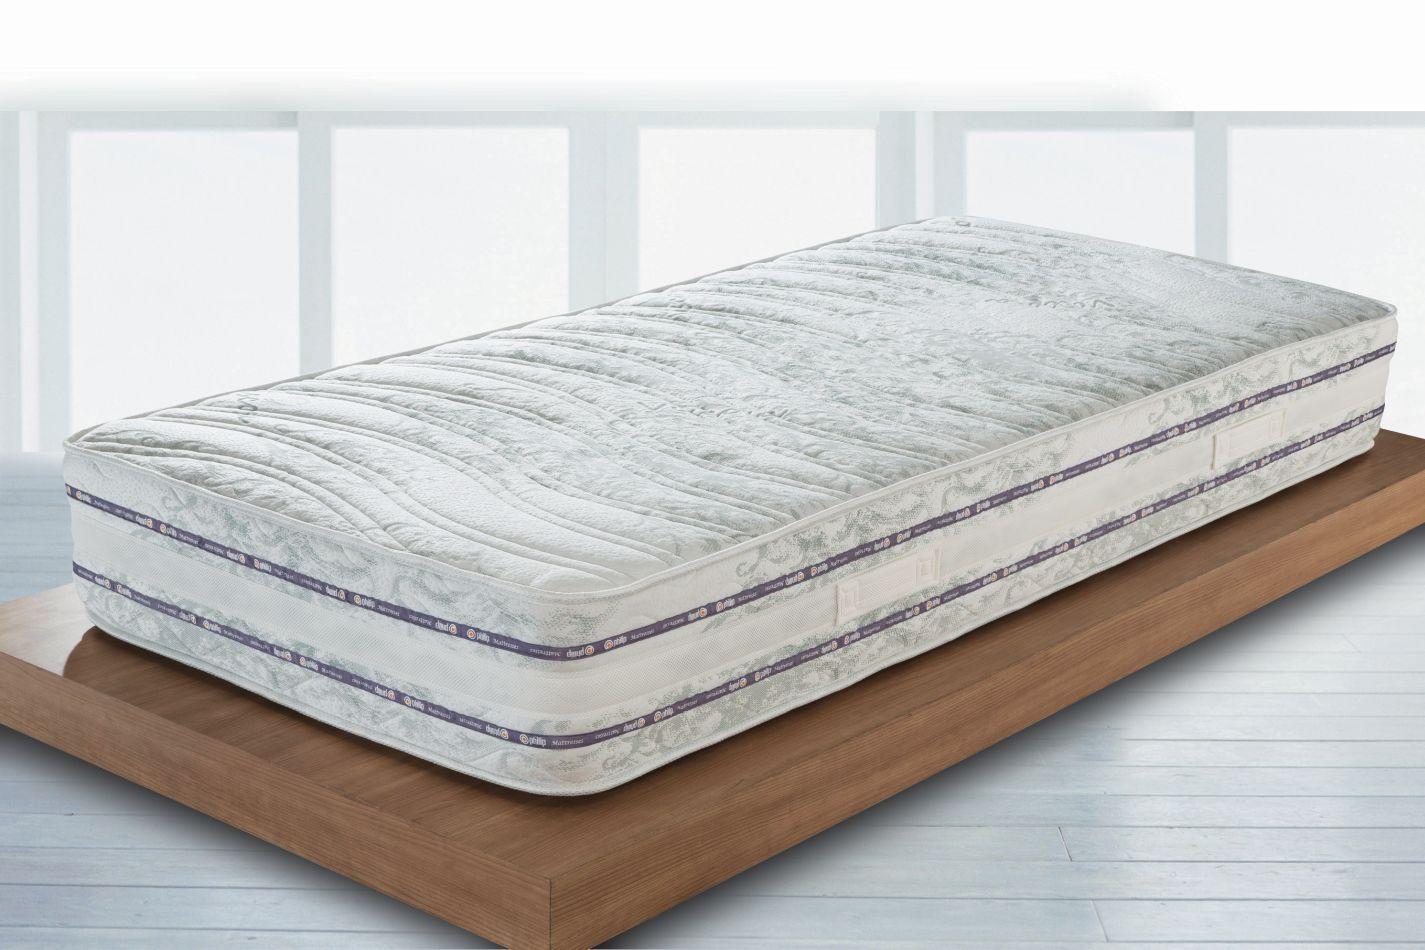 Matratze Balance mit Taschen Federkern - Abmessungen: 140 x 200 cm